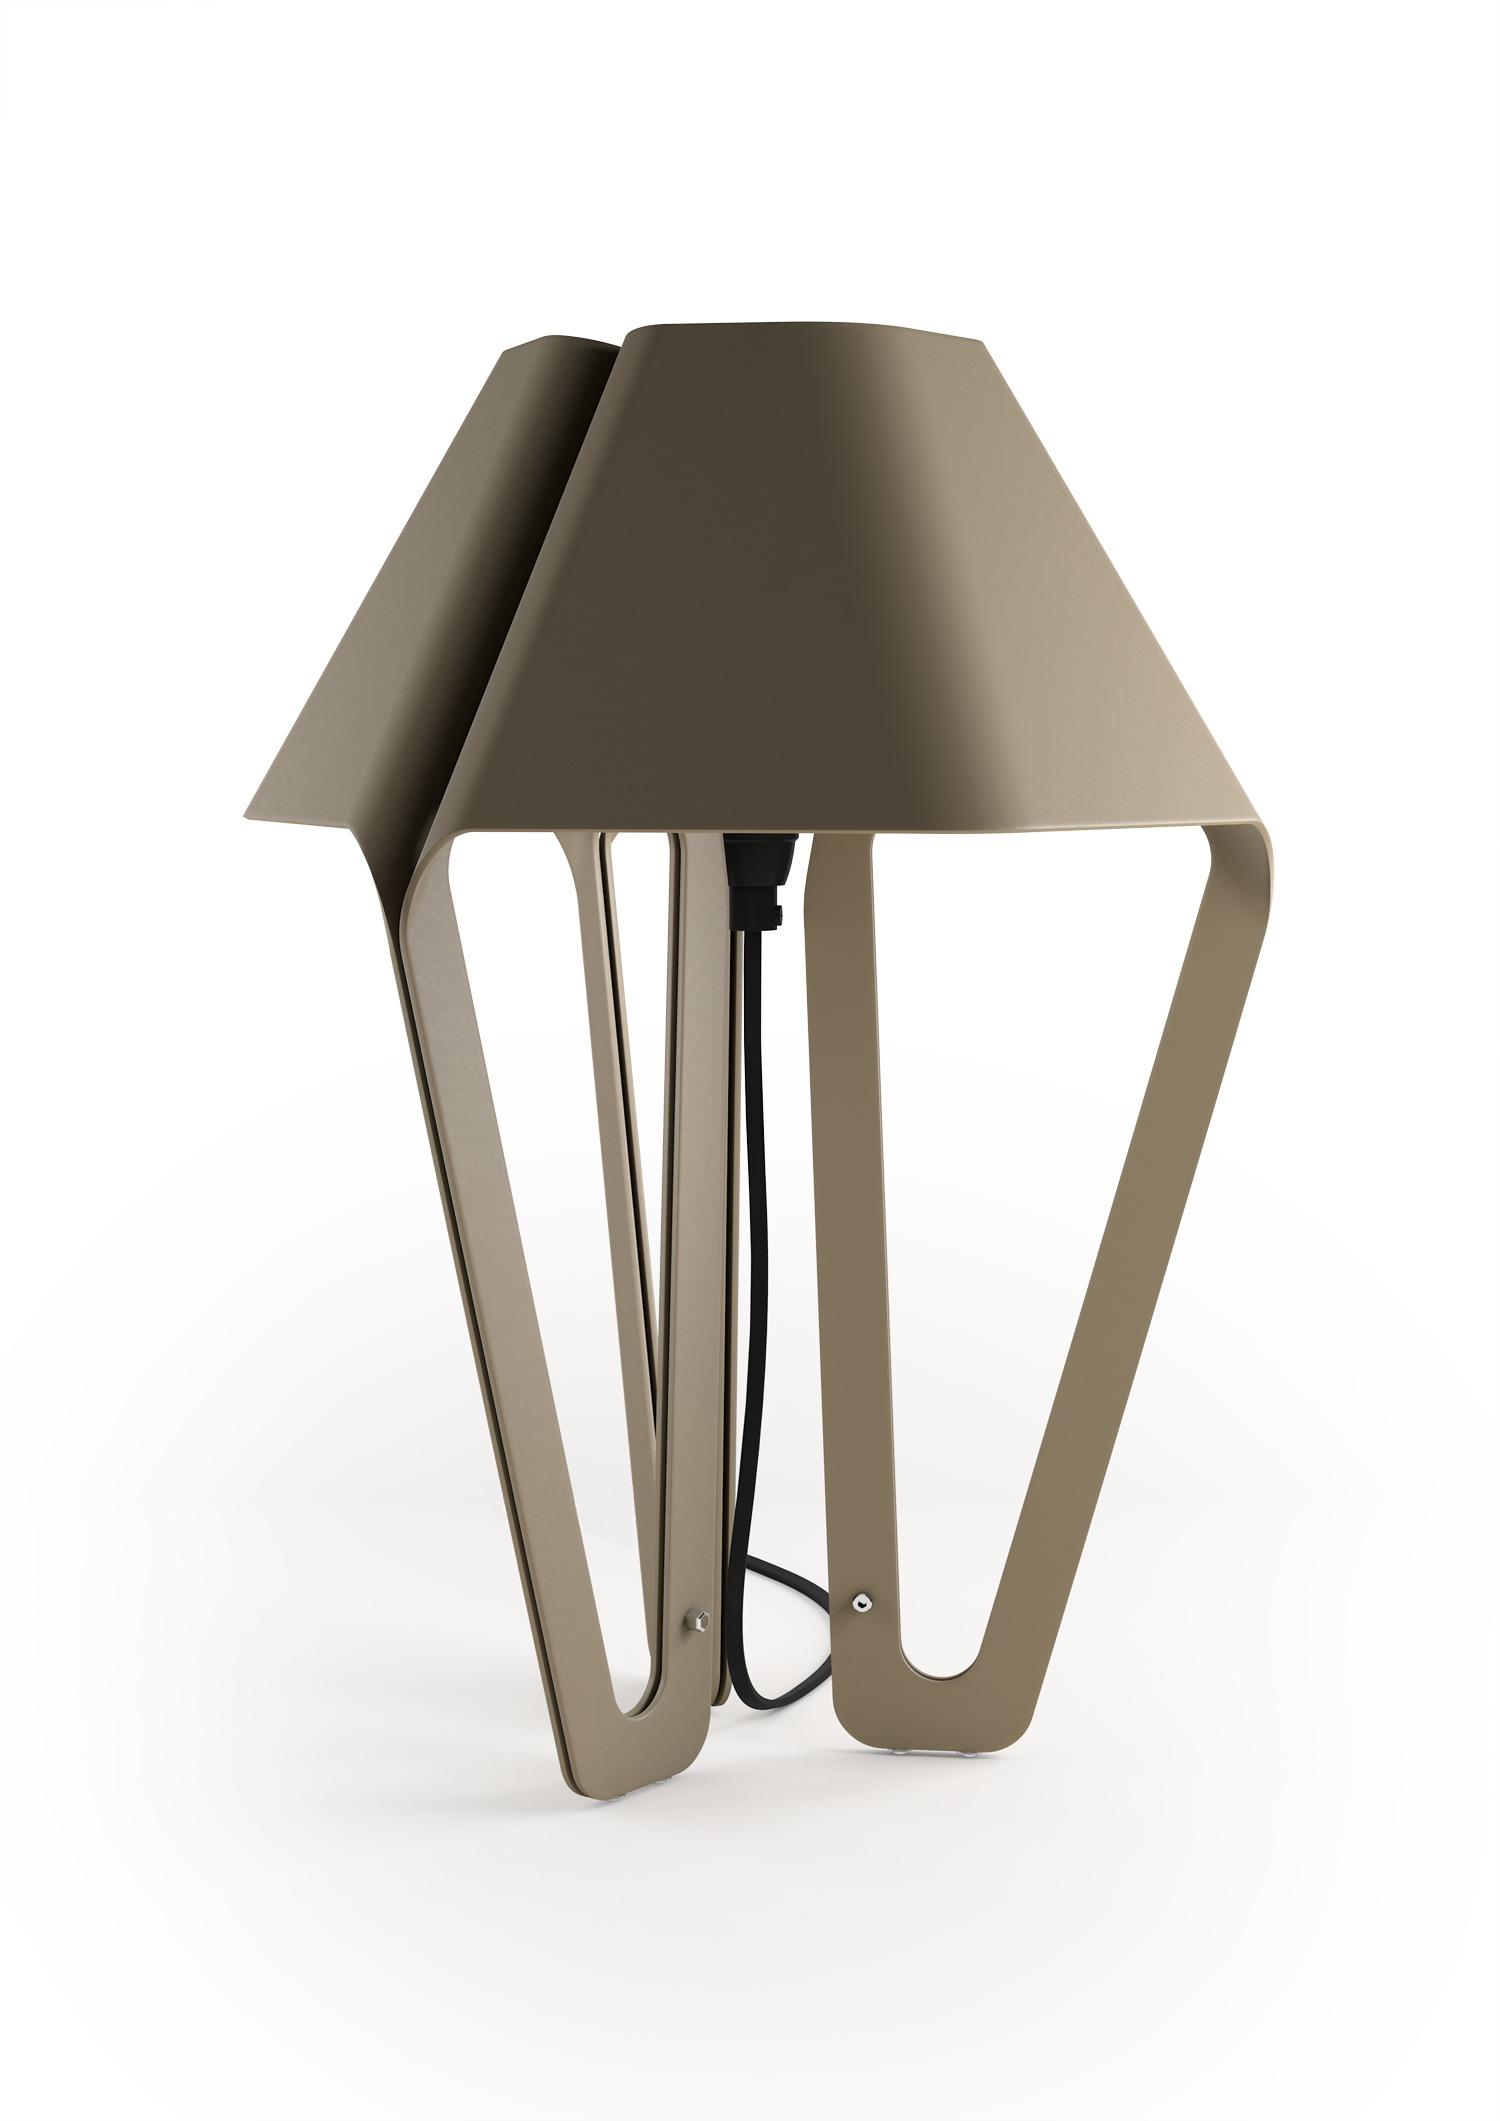 Bas Vellekoop – Hexa High – bronze – 02 – 1500px